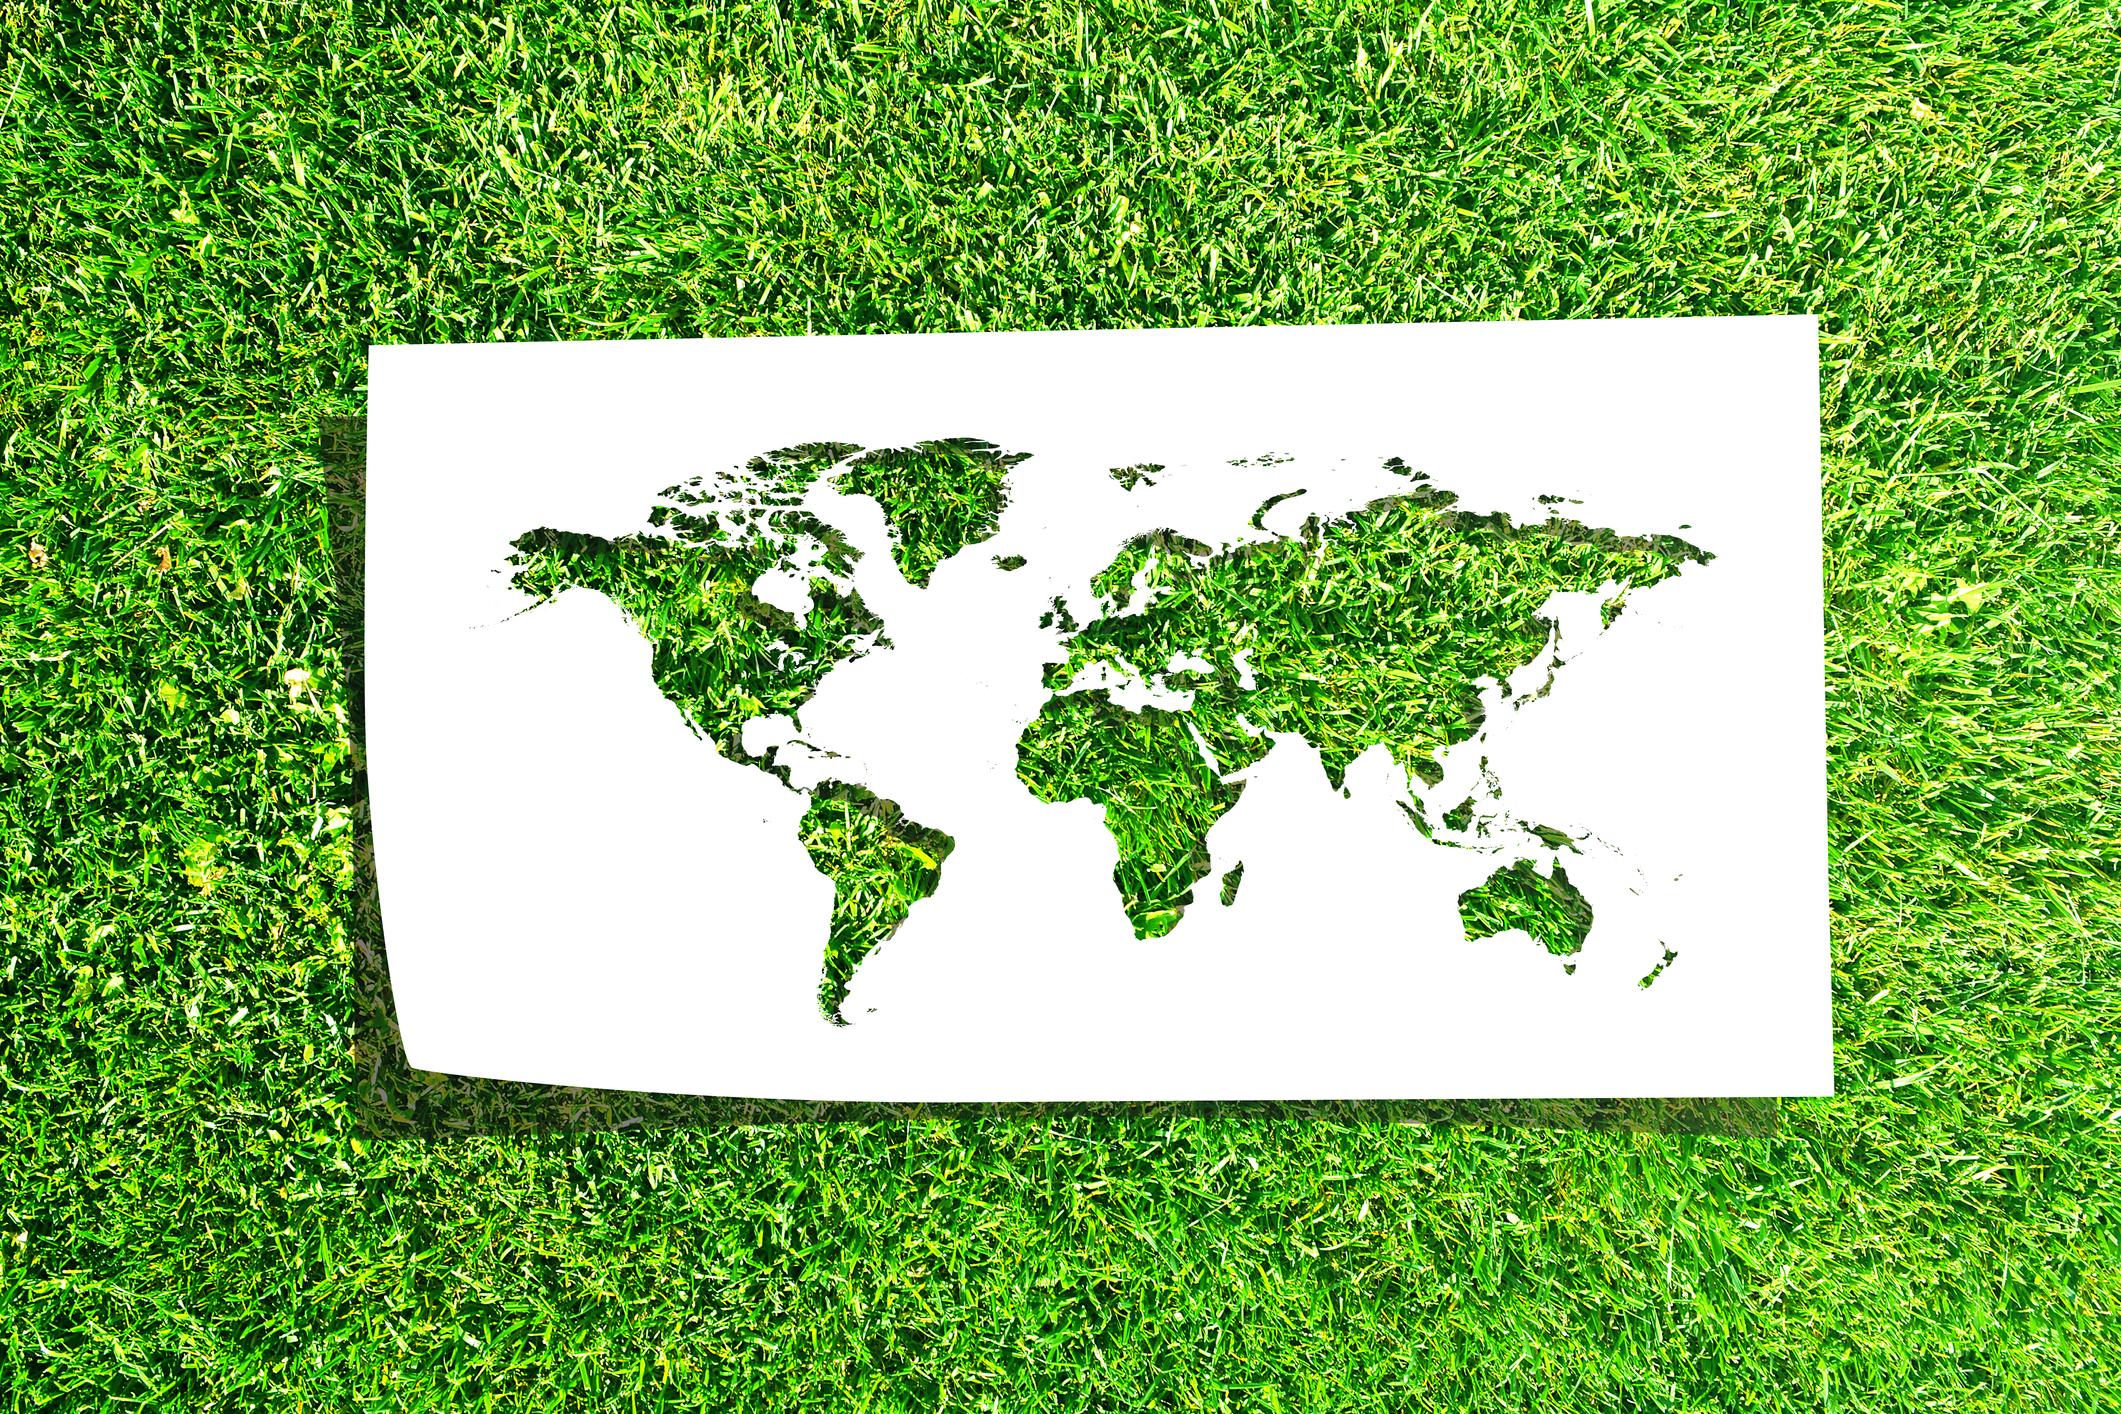 La economía apostará por una recuperación verde tras la Covid-19